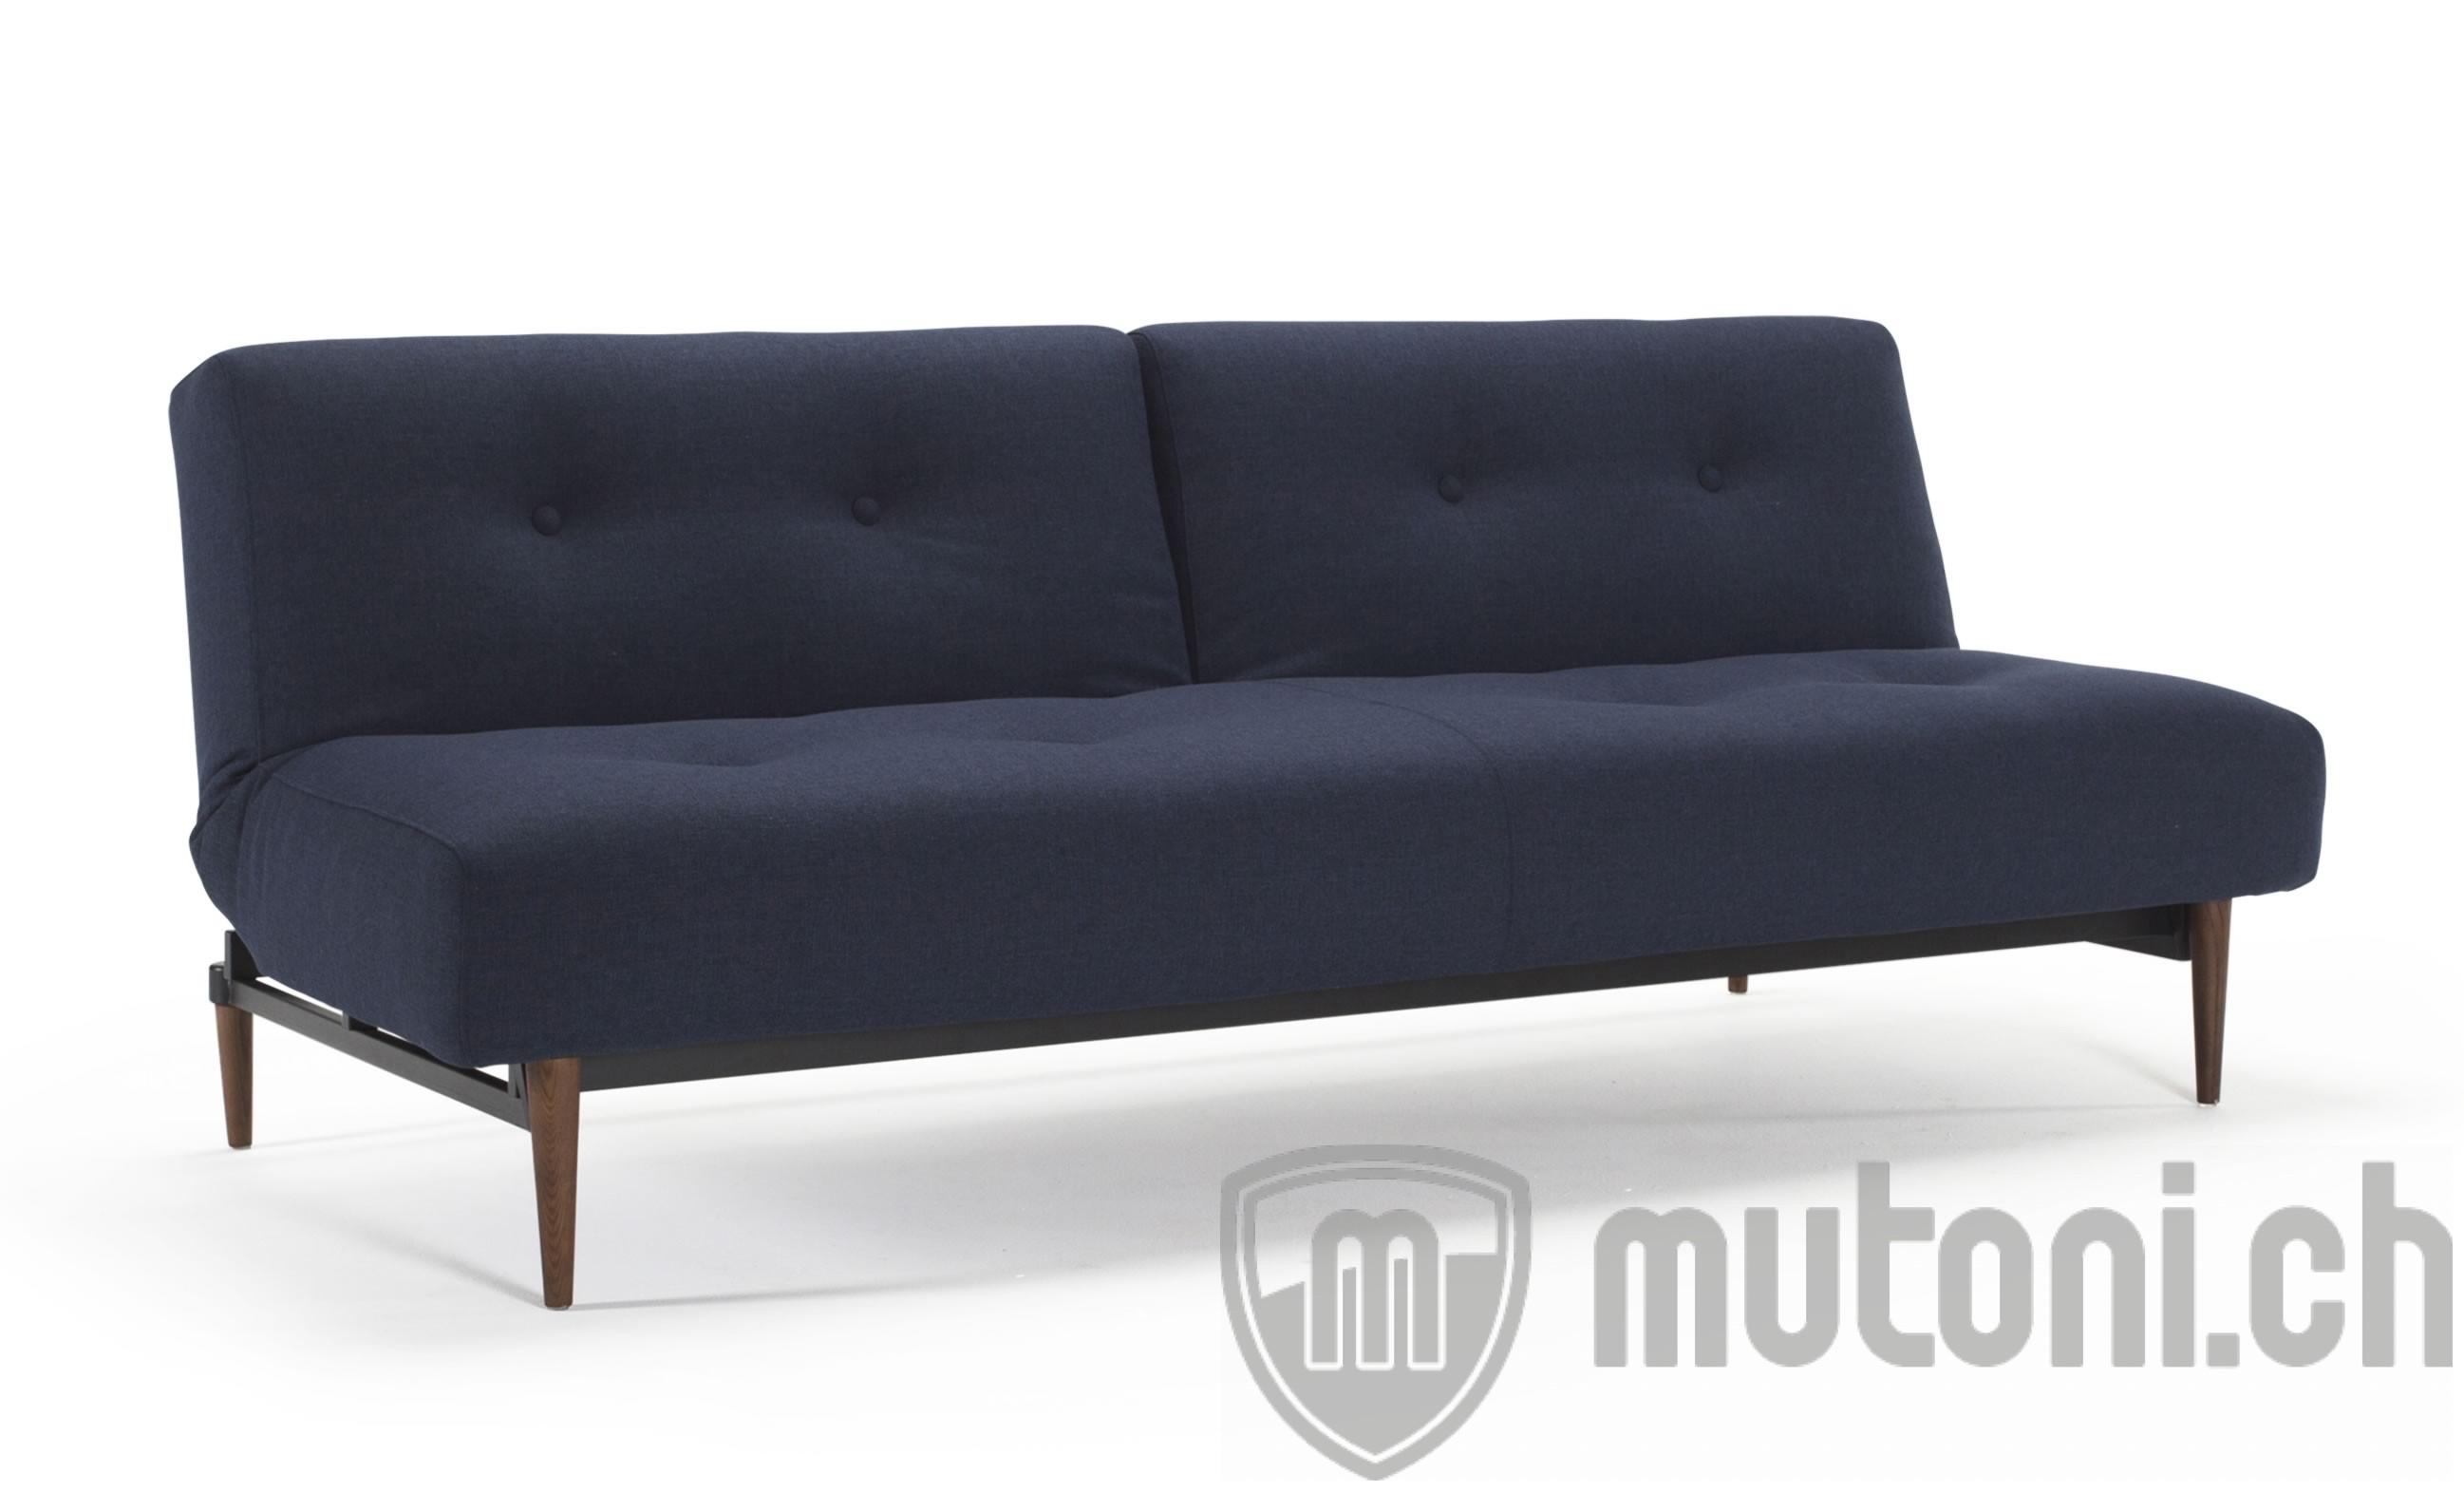 Bettsofa buri ohne armlehnen bettsofas sofas couches wohnzimmer m bel mutoni m bel - Wohnzimmer ohne sofa ...